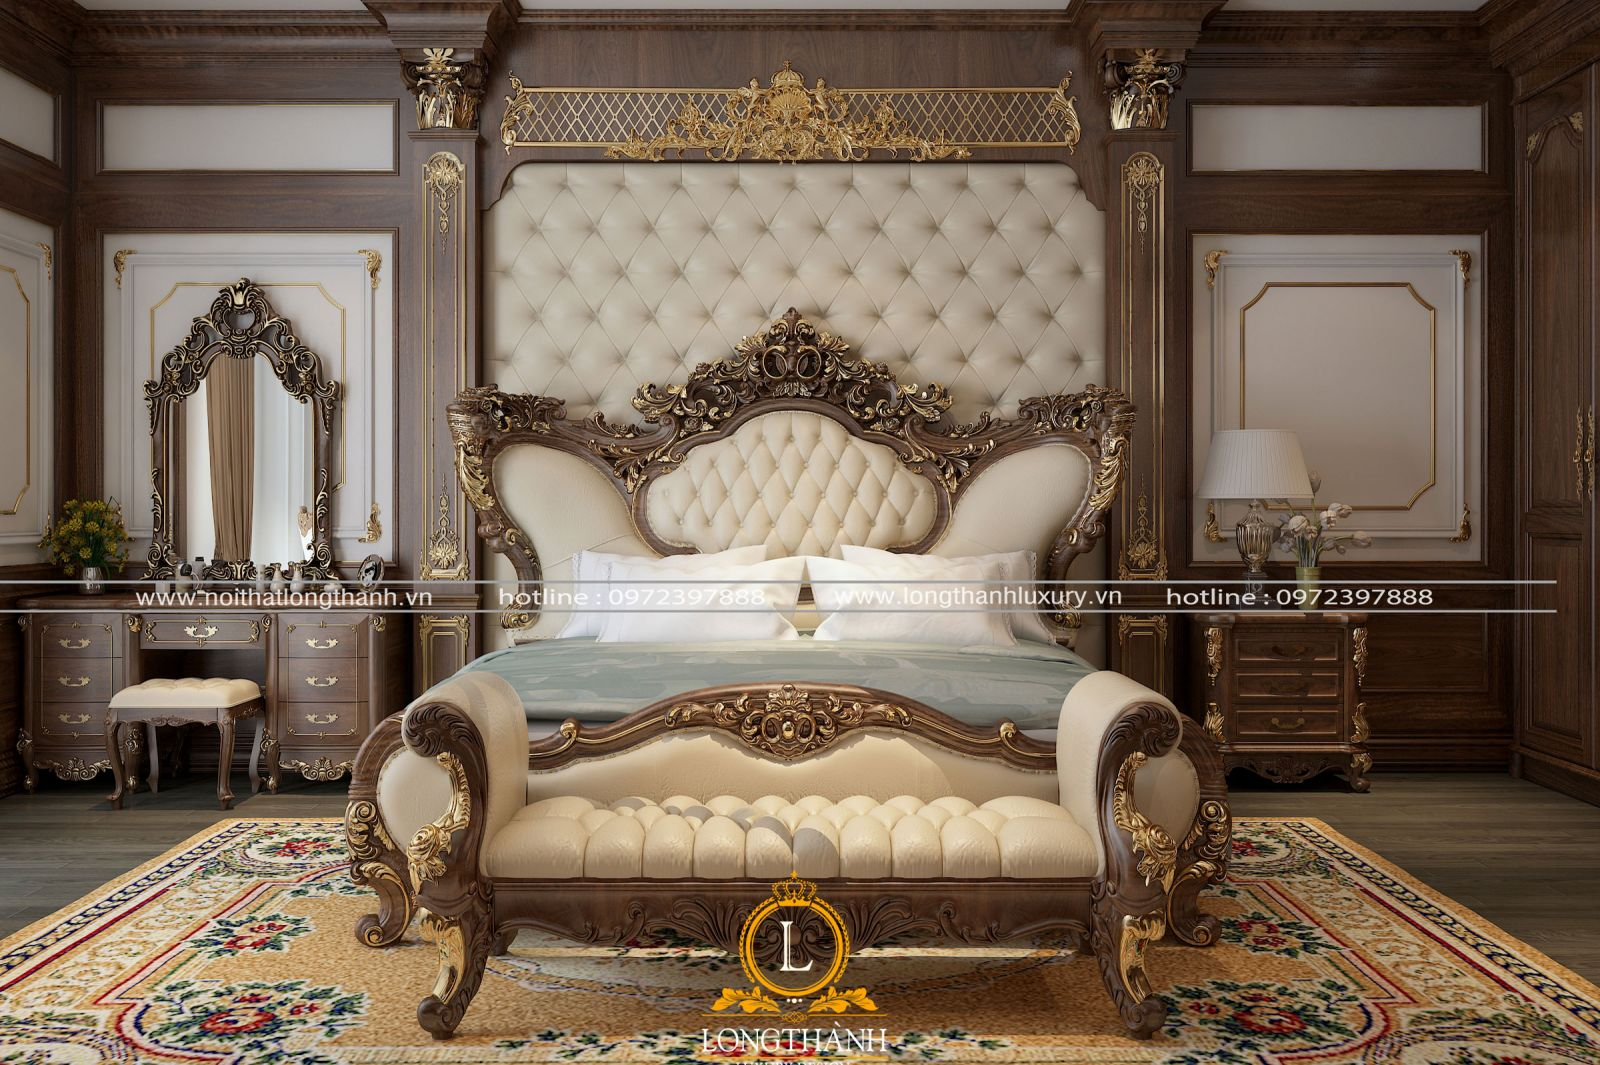 Thiết kế nội thất tân cổ điển gỗ Gõ tự nhiên – sự lựa chọn của nhiều nhà biệt thự lớn